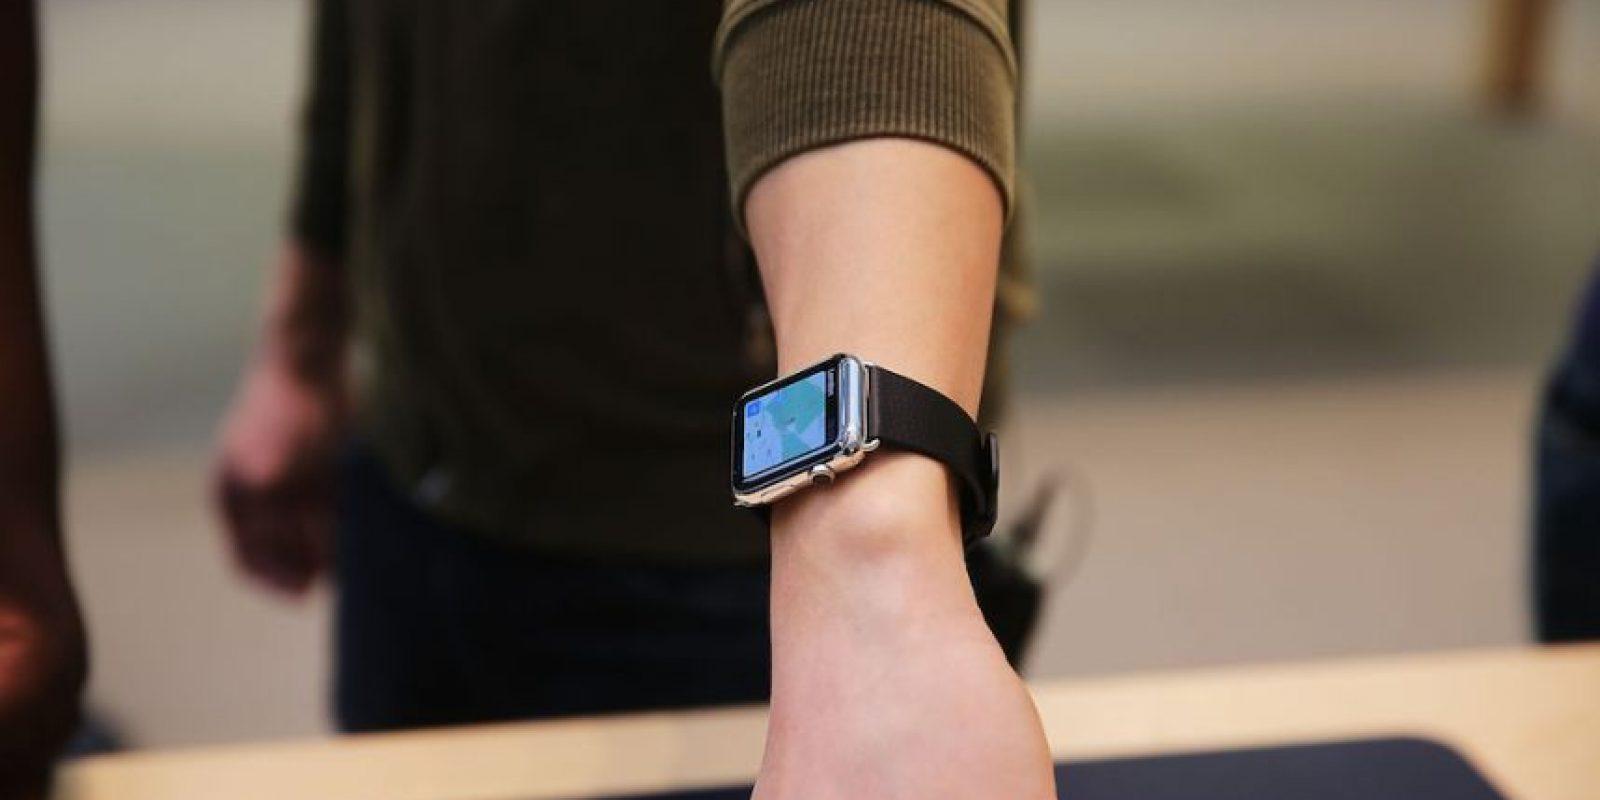 Si quieren un dispositivo, deberán ir a tiendas de Australia, Canadá, China, Francia, Alemania, Hong Kong, Japón, Reino Unido y Estados Unidos. Foto:Getty Images